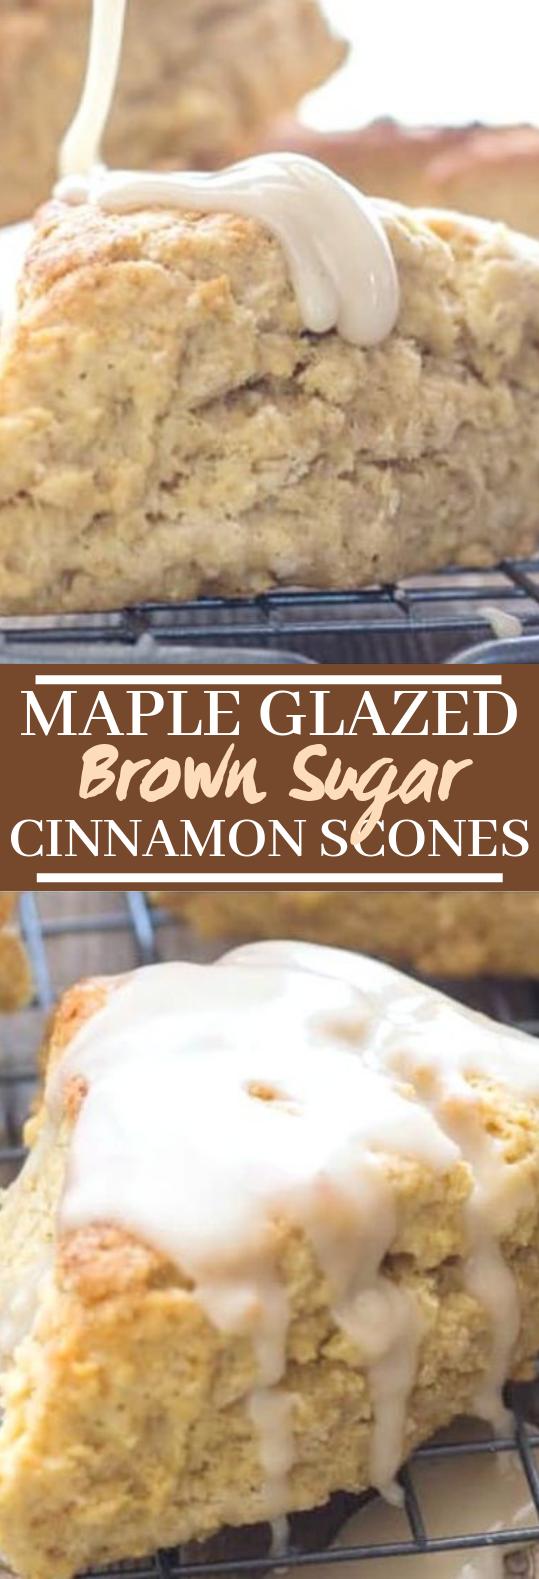 Maple Glazed Brown Sugar Cinnamon Scones #desserts #baking